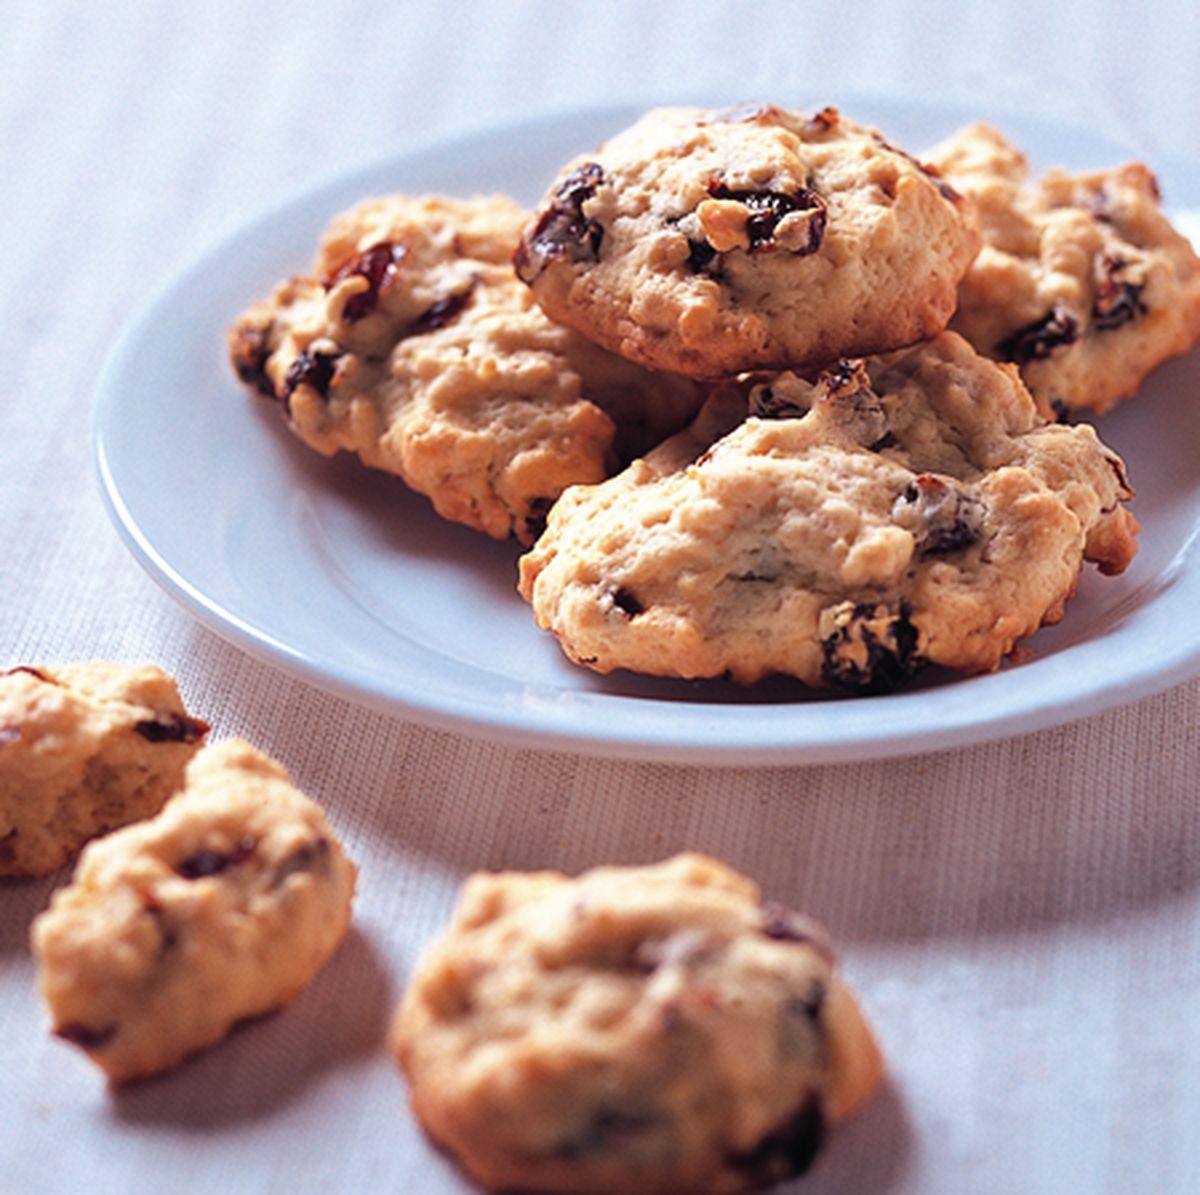 食譜:葡萄乾麥片餅乾